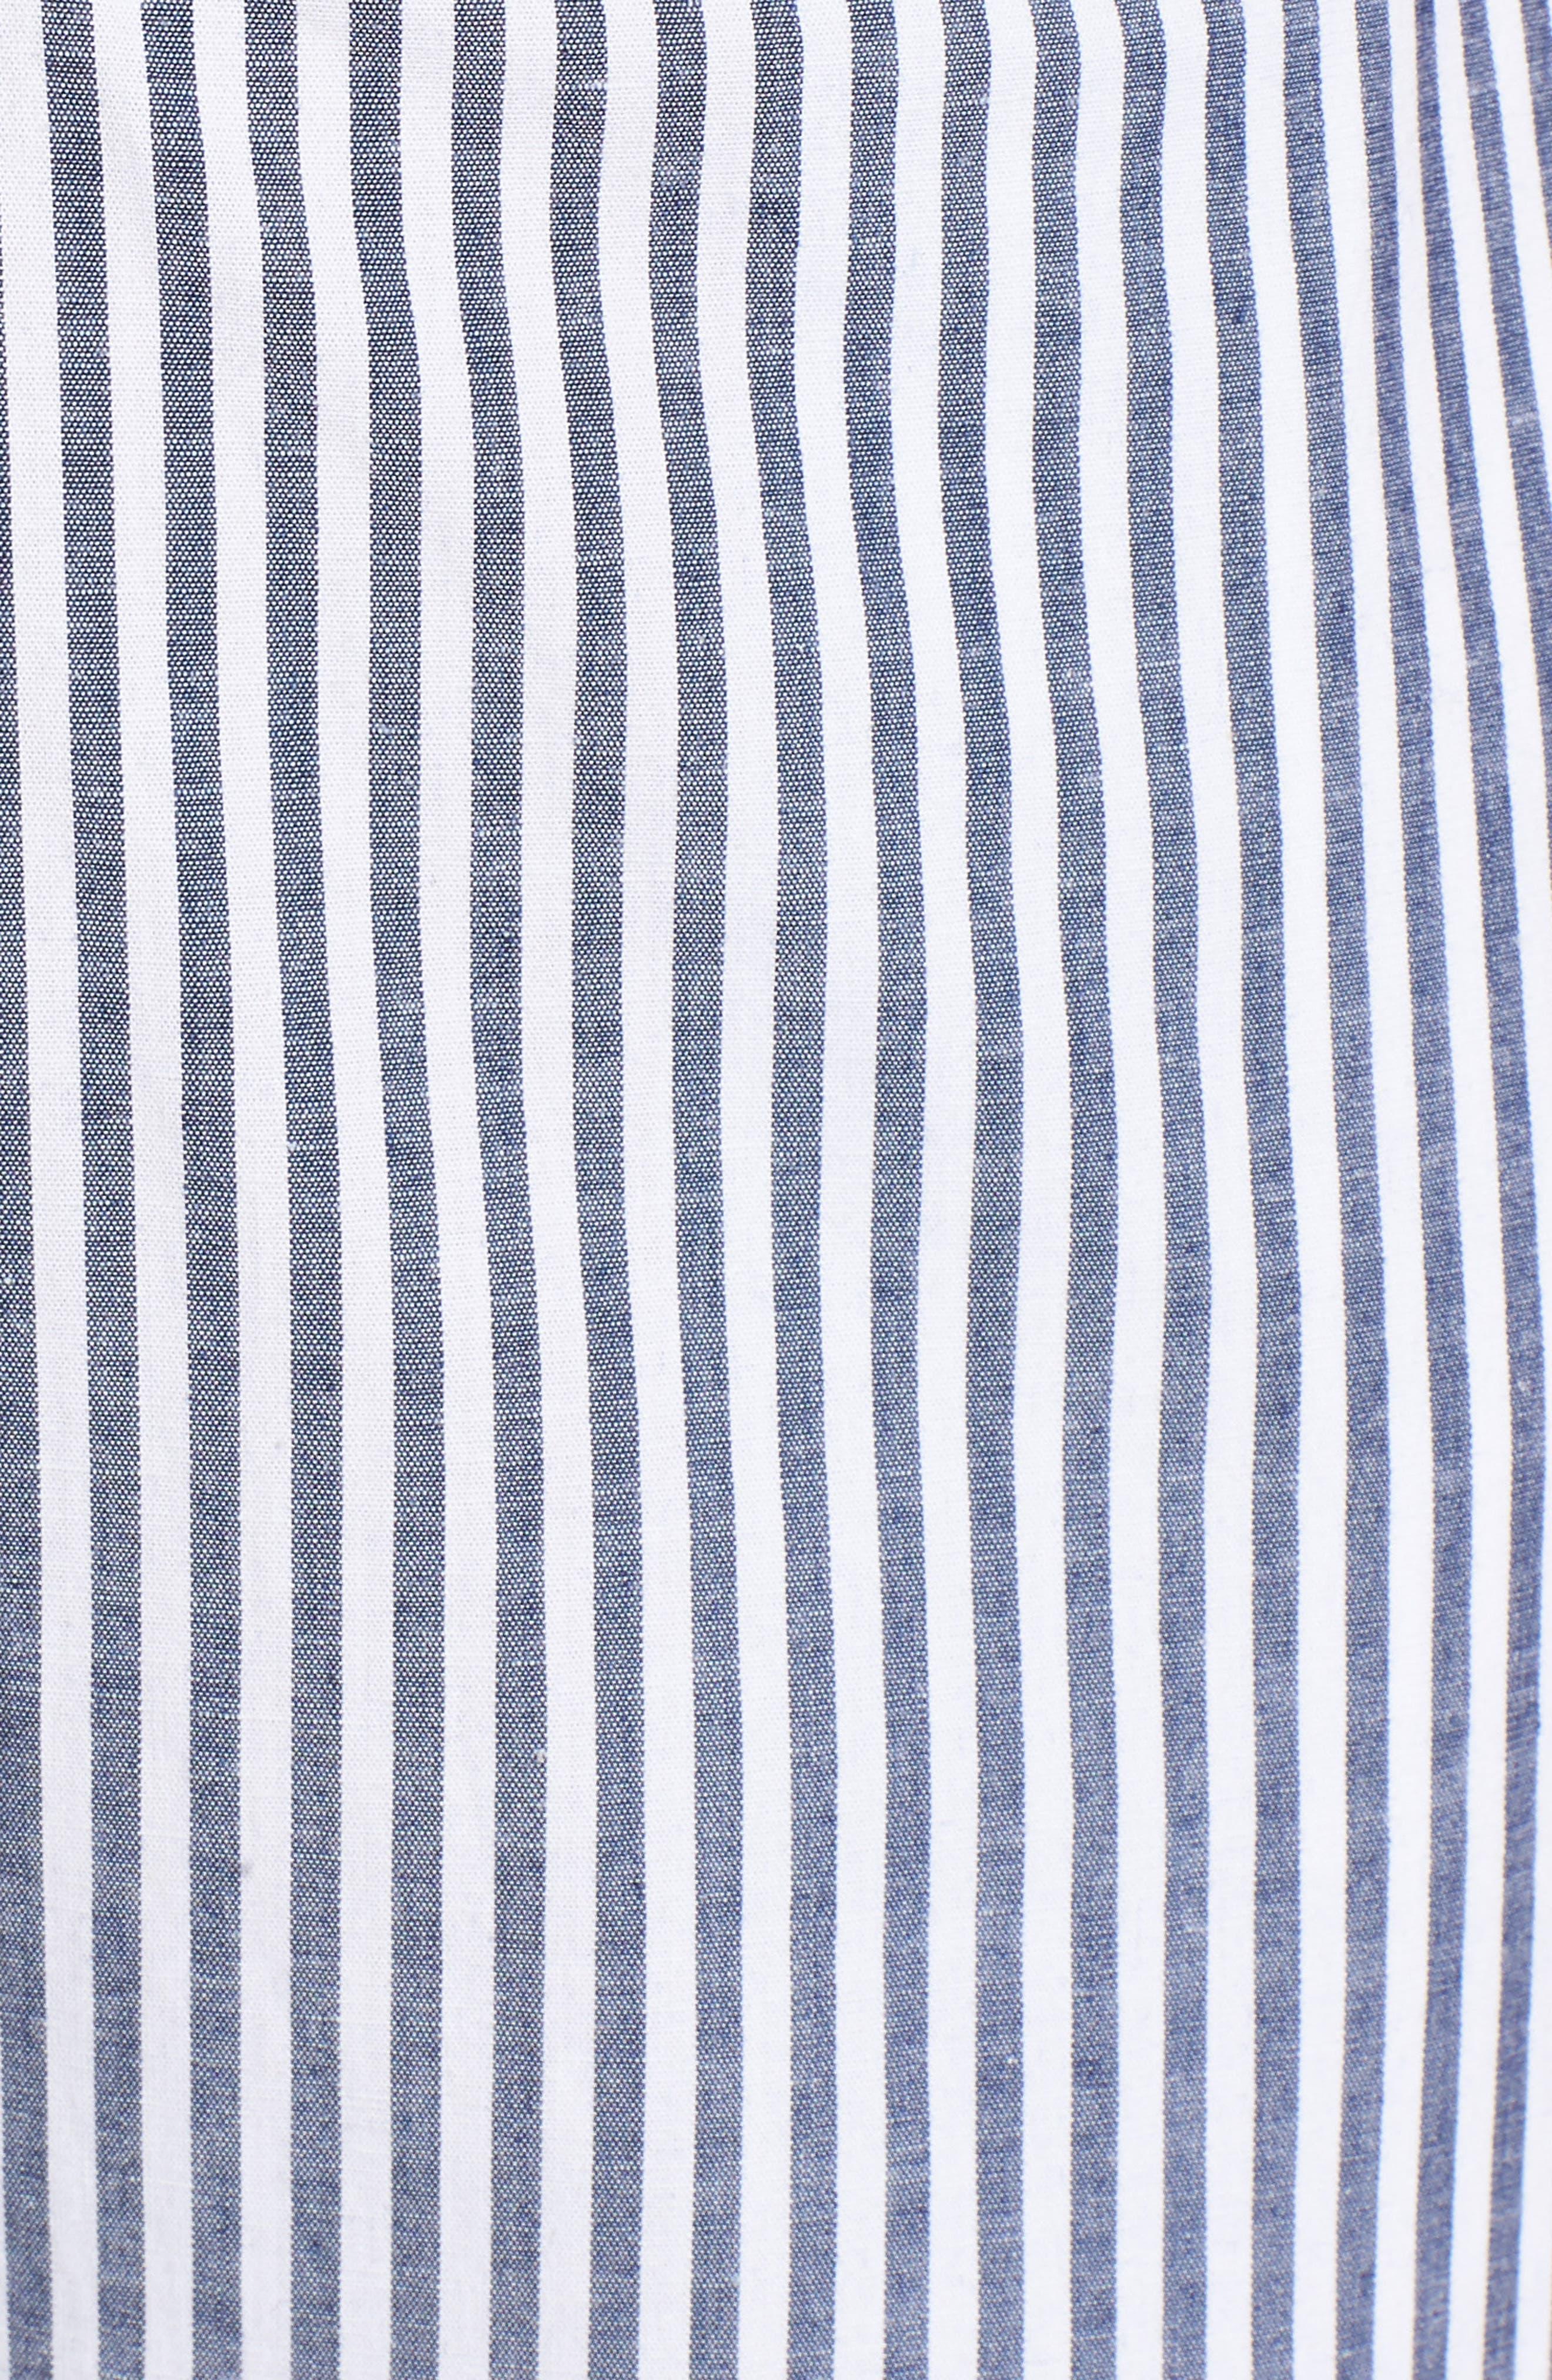 Tie Front Jumpsuit,                             Alternate thumbnail 5, color,                             Blue-White Stripe